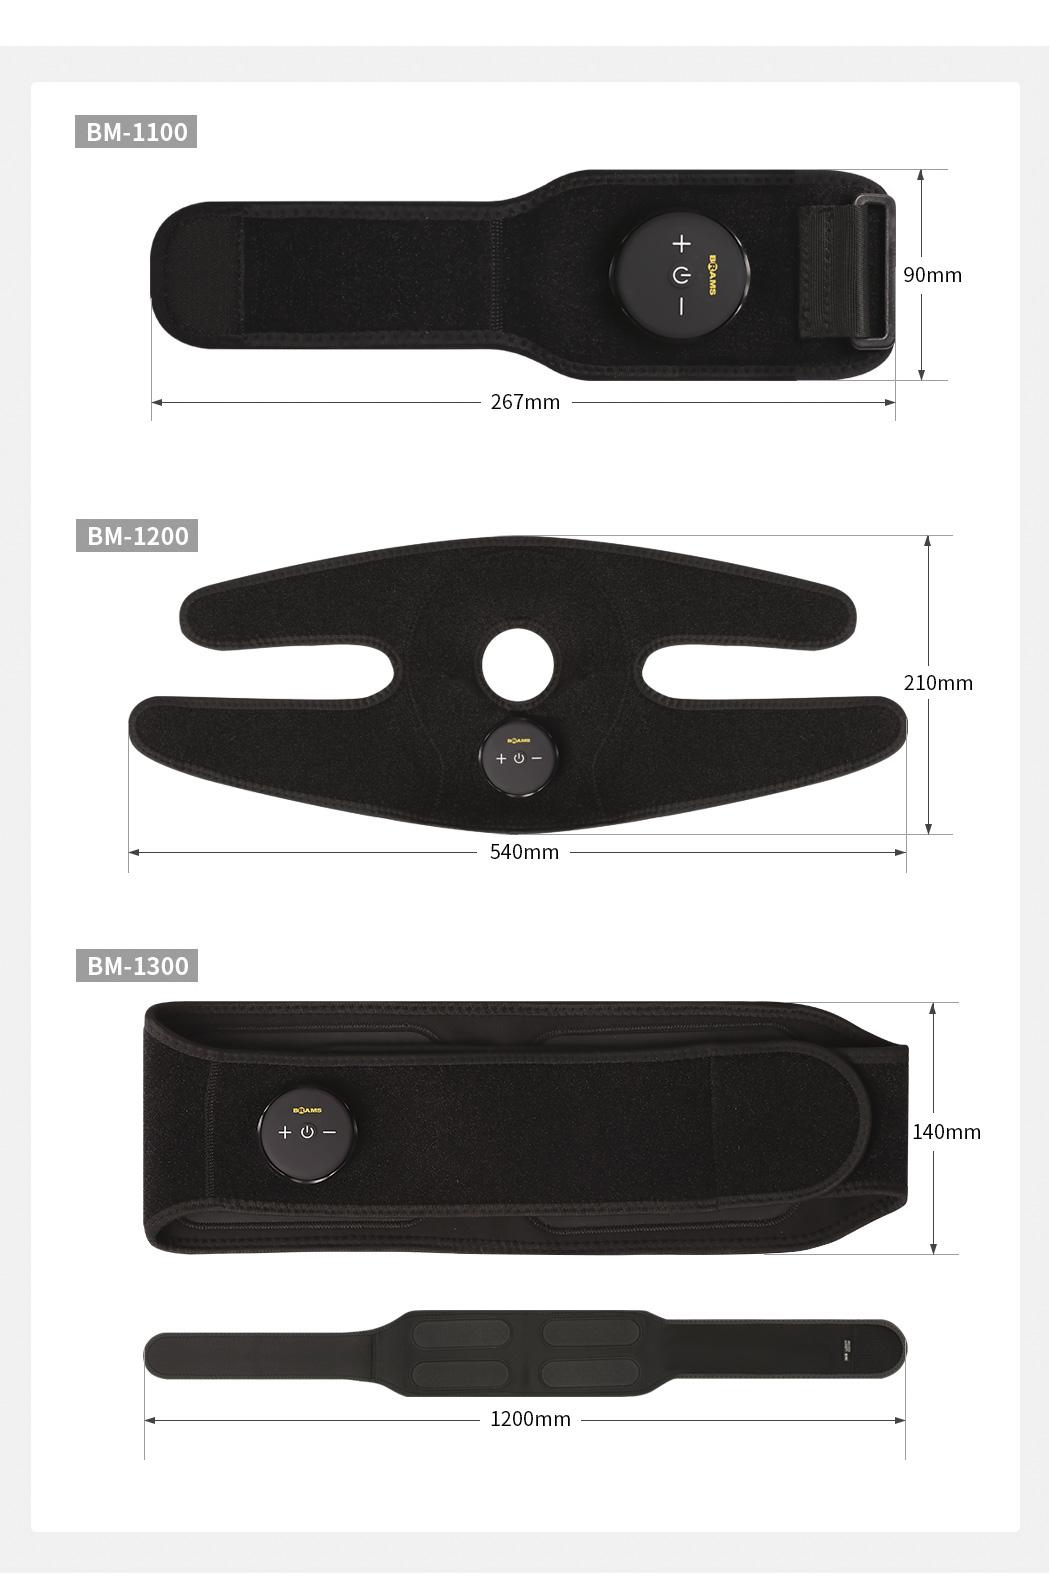 [브람스] 허리 보호대 EMS트레이닝 조인트가드 BM-1300 - 이로웰, 169,000원, 안마/교정, 부위안마기